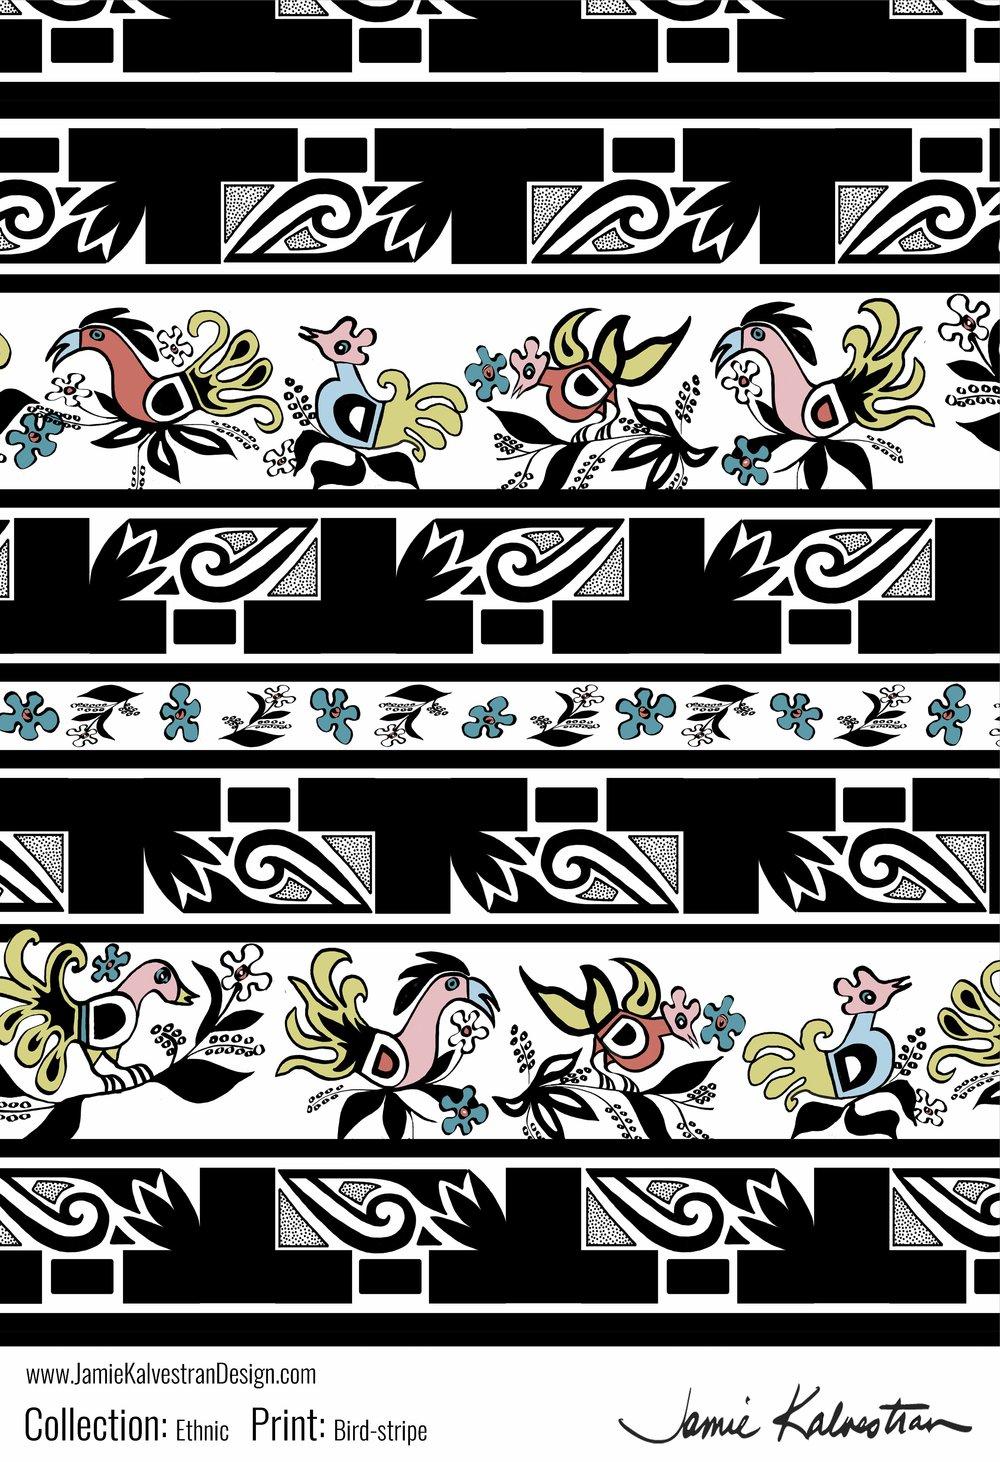 Jamie_Kalvestran_Ethnic-Bird-stripe.jpg